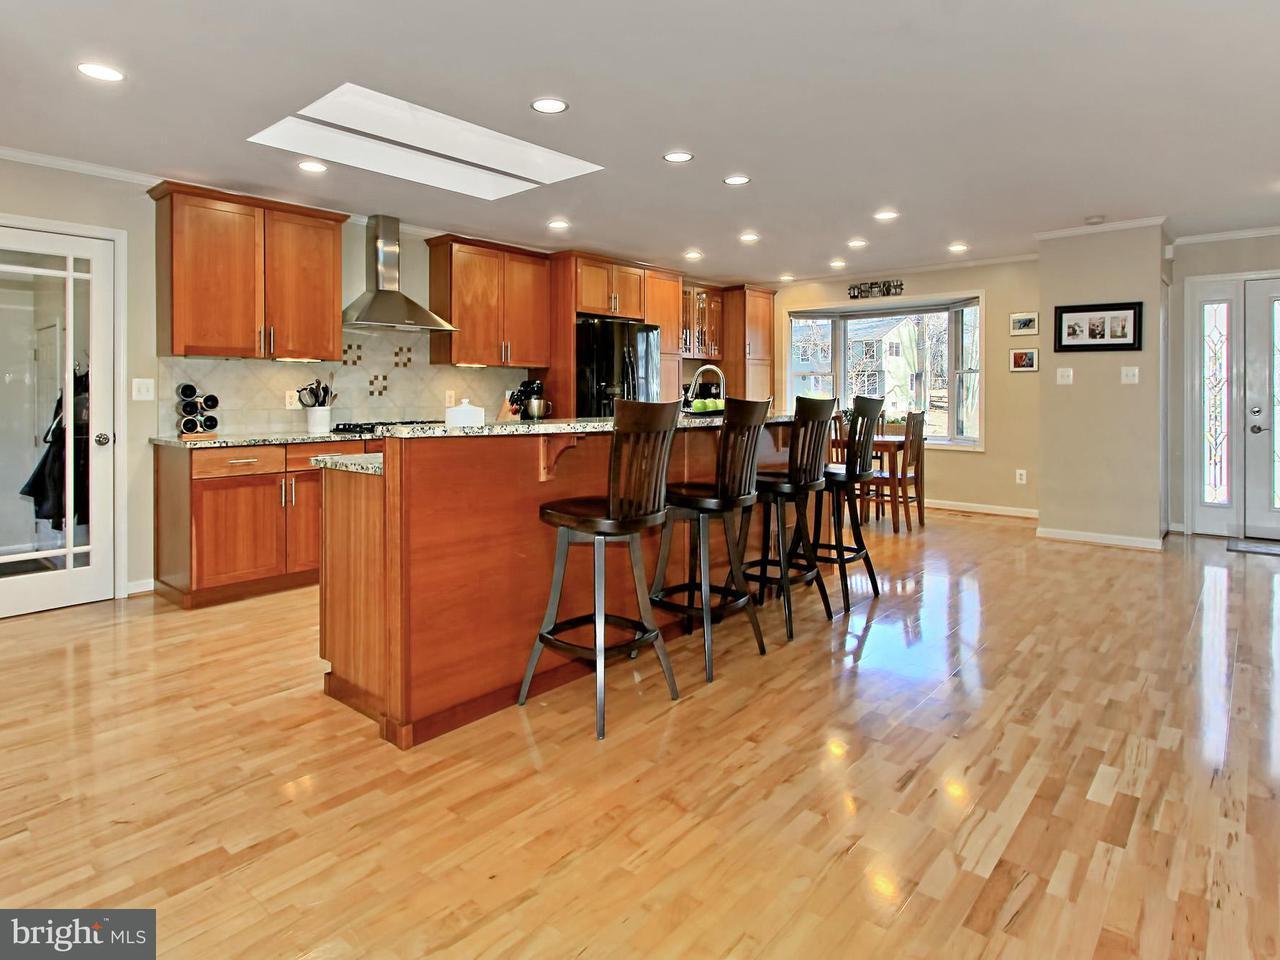 단독 가정 주택 용 매매 에 12225 Folkstone Drive 12225 Folkstone Drive Oak Hill, 버지니아 20171 미국